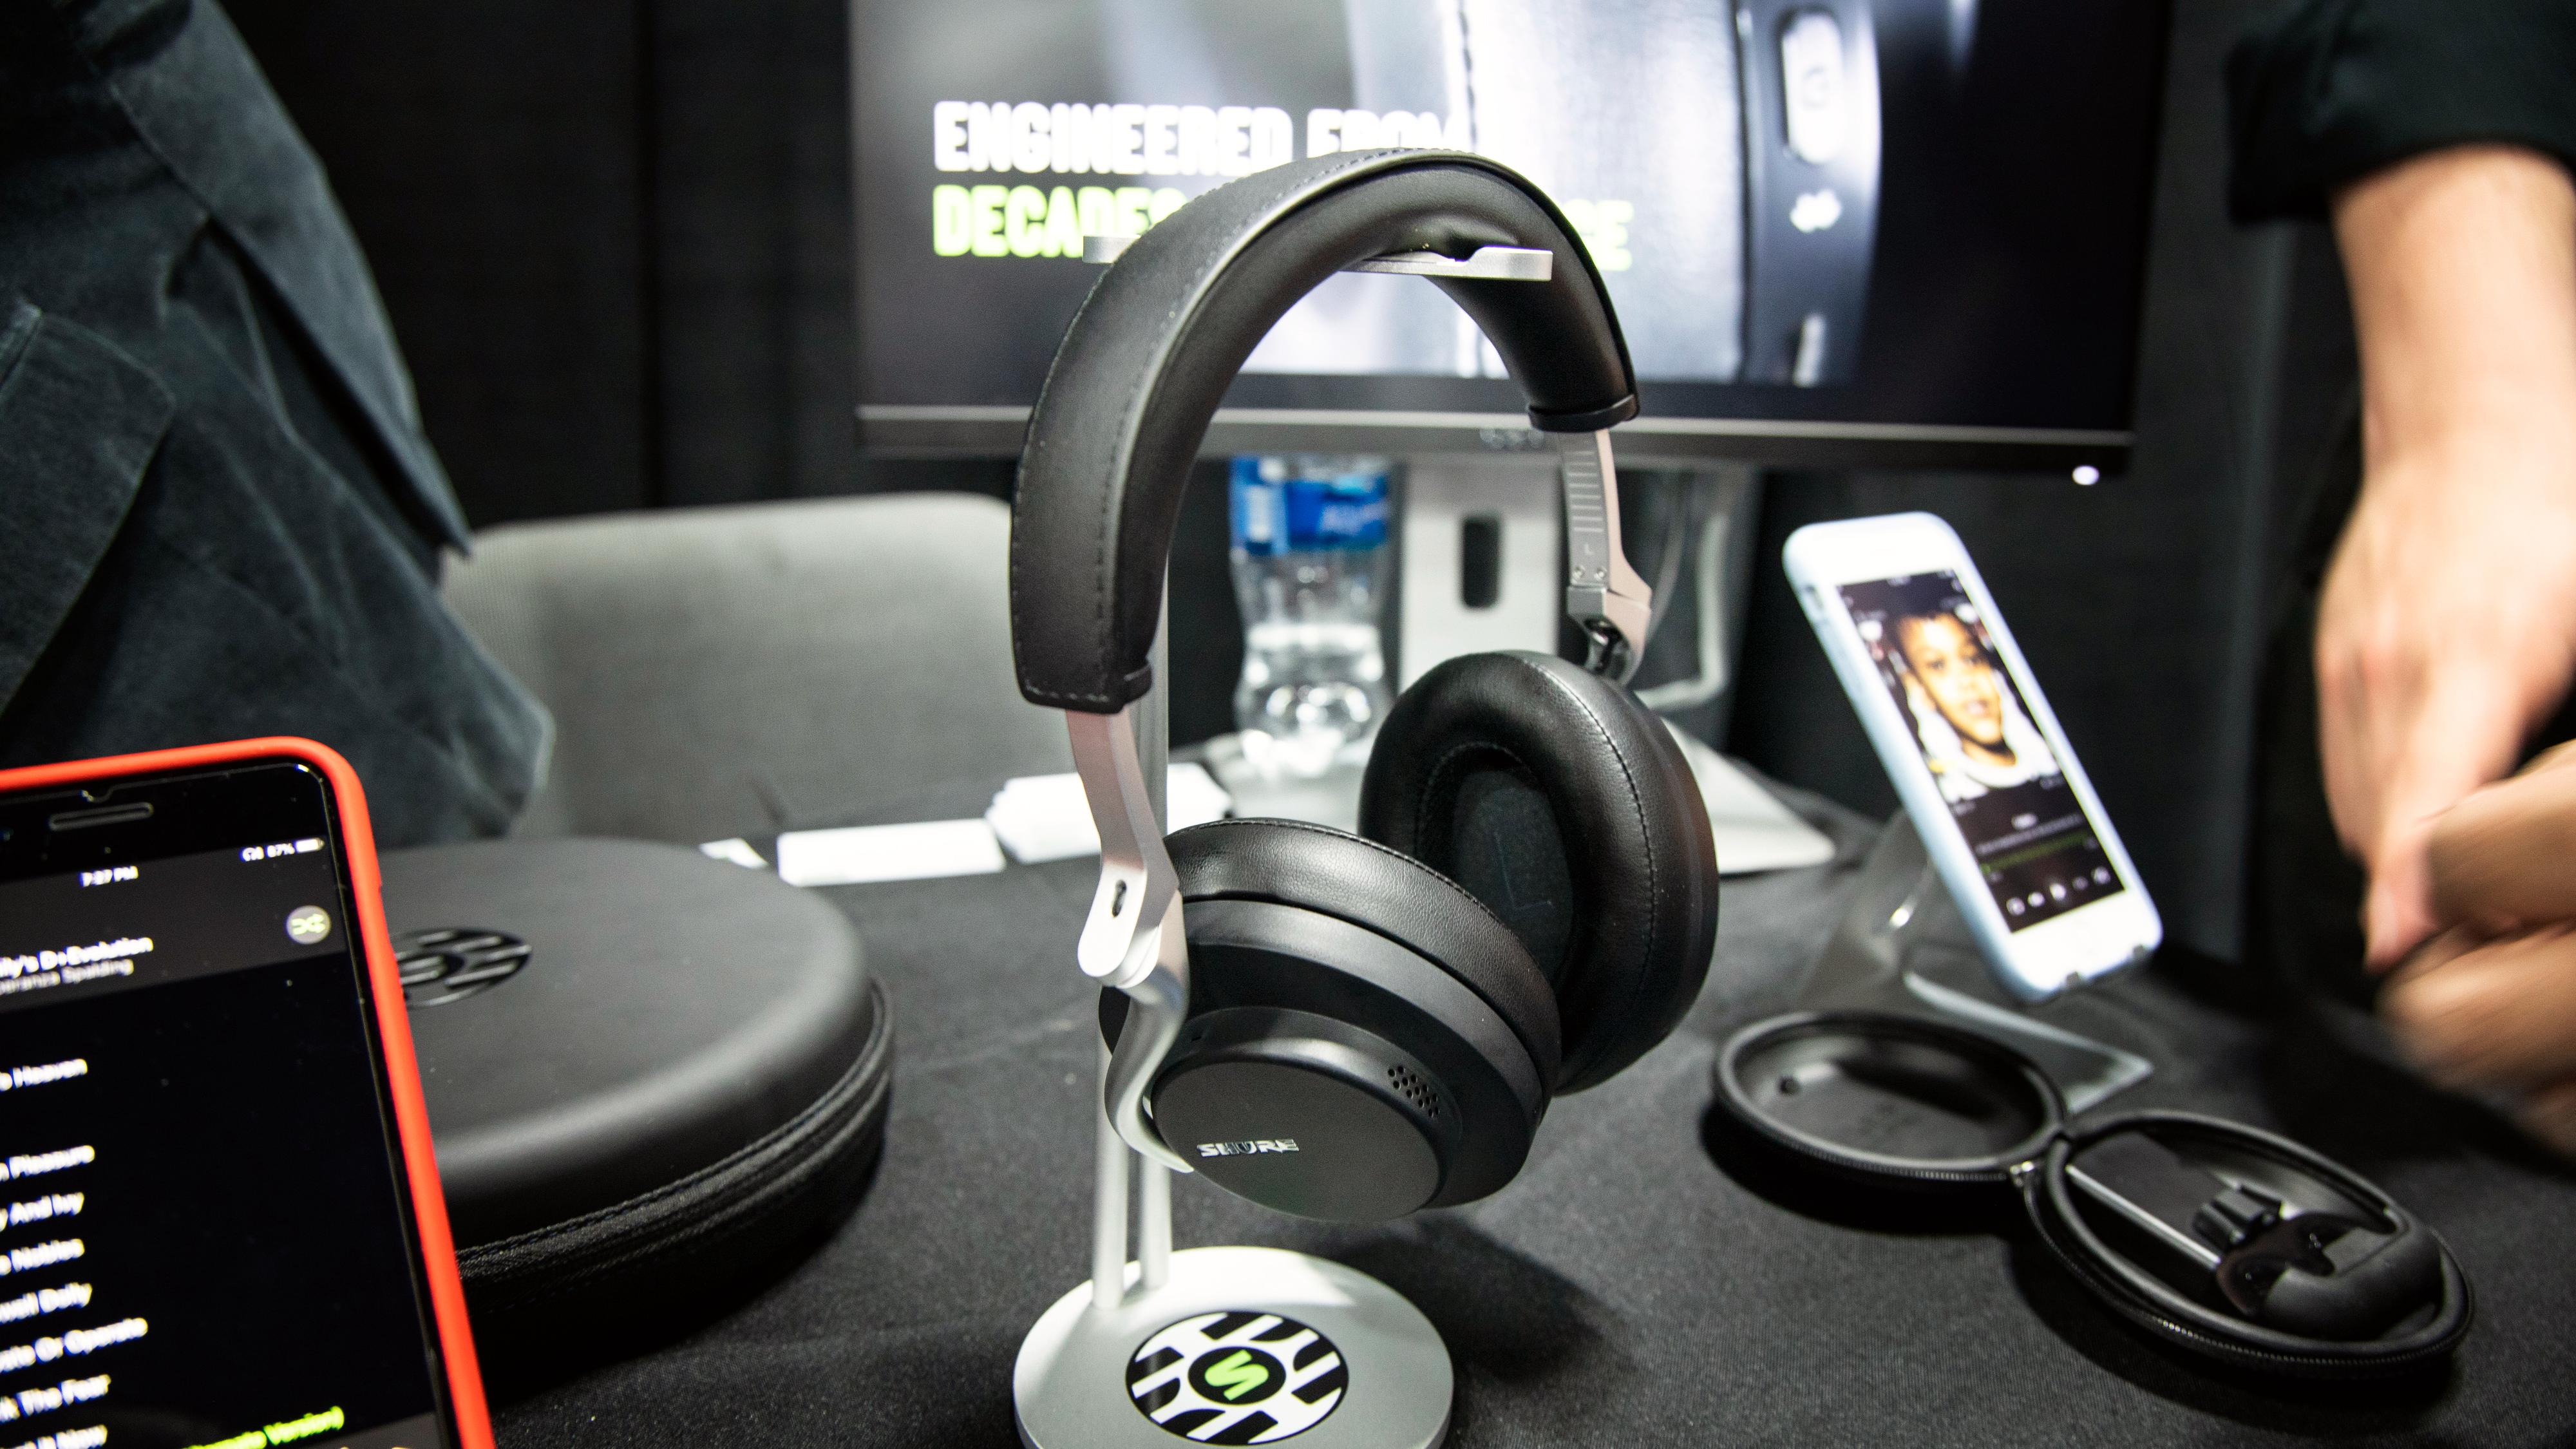 Shures nye støydempende hodetelefoner kan bli hodetelefonene å slå i år